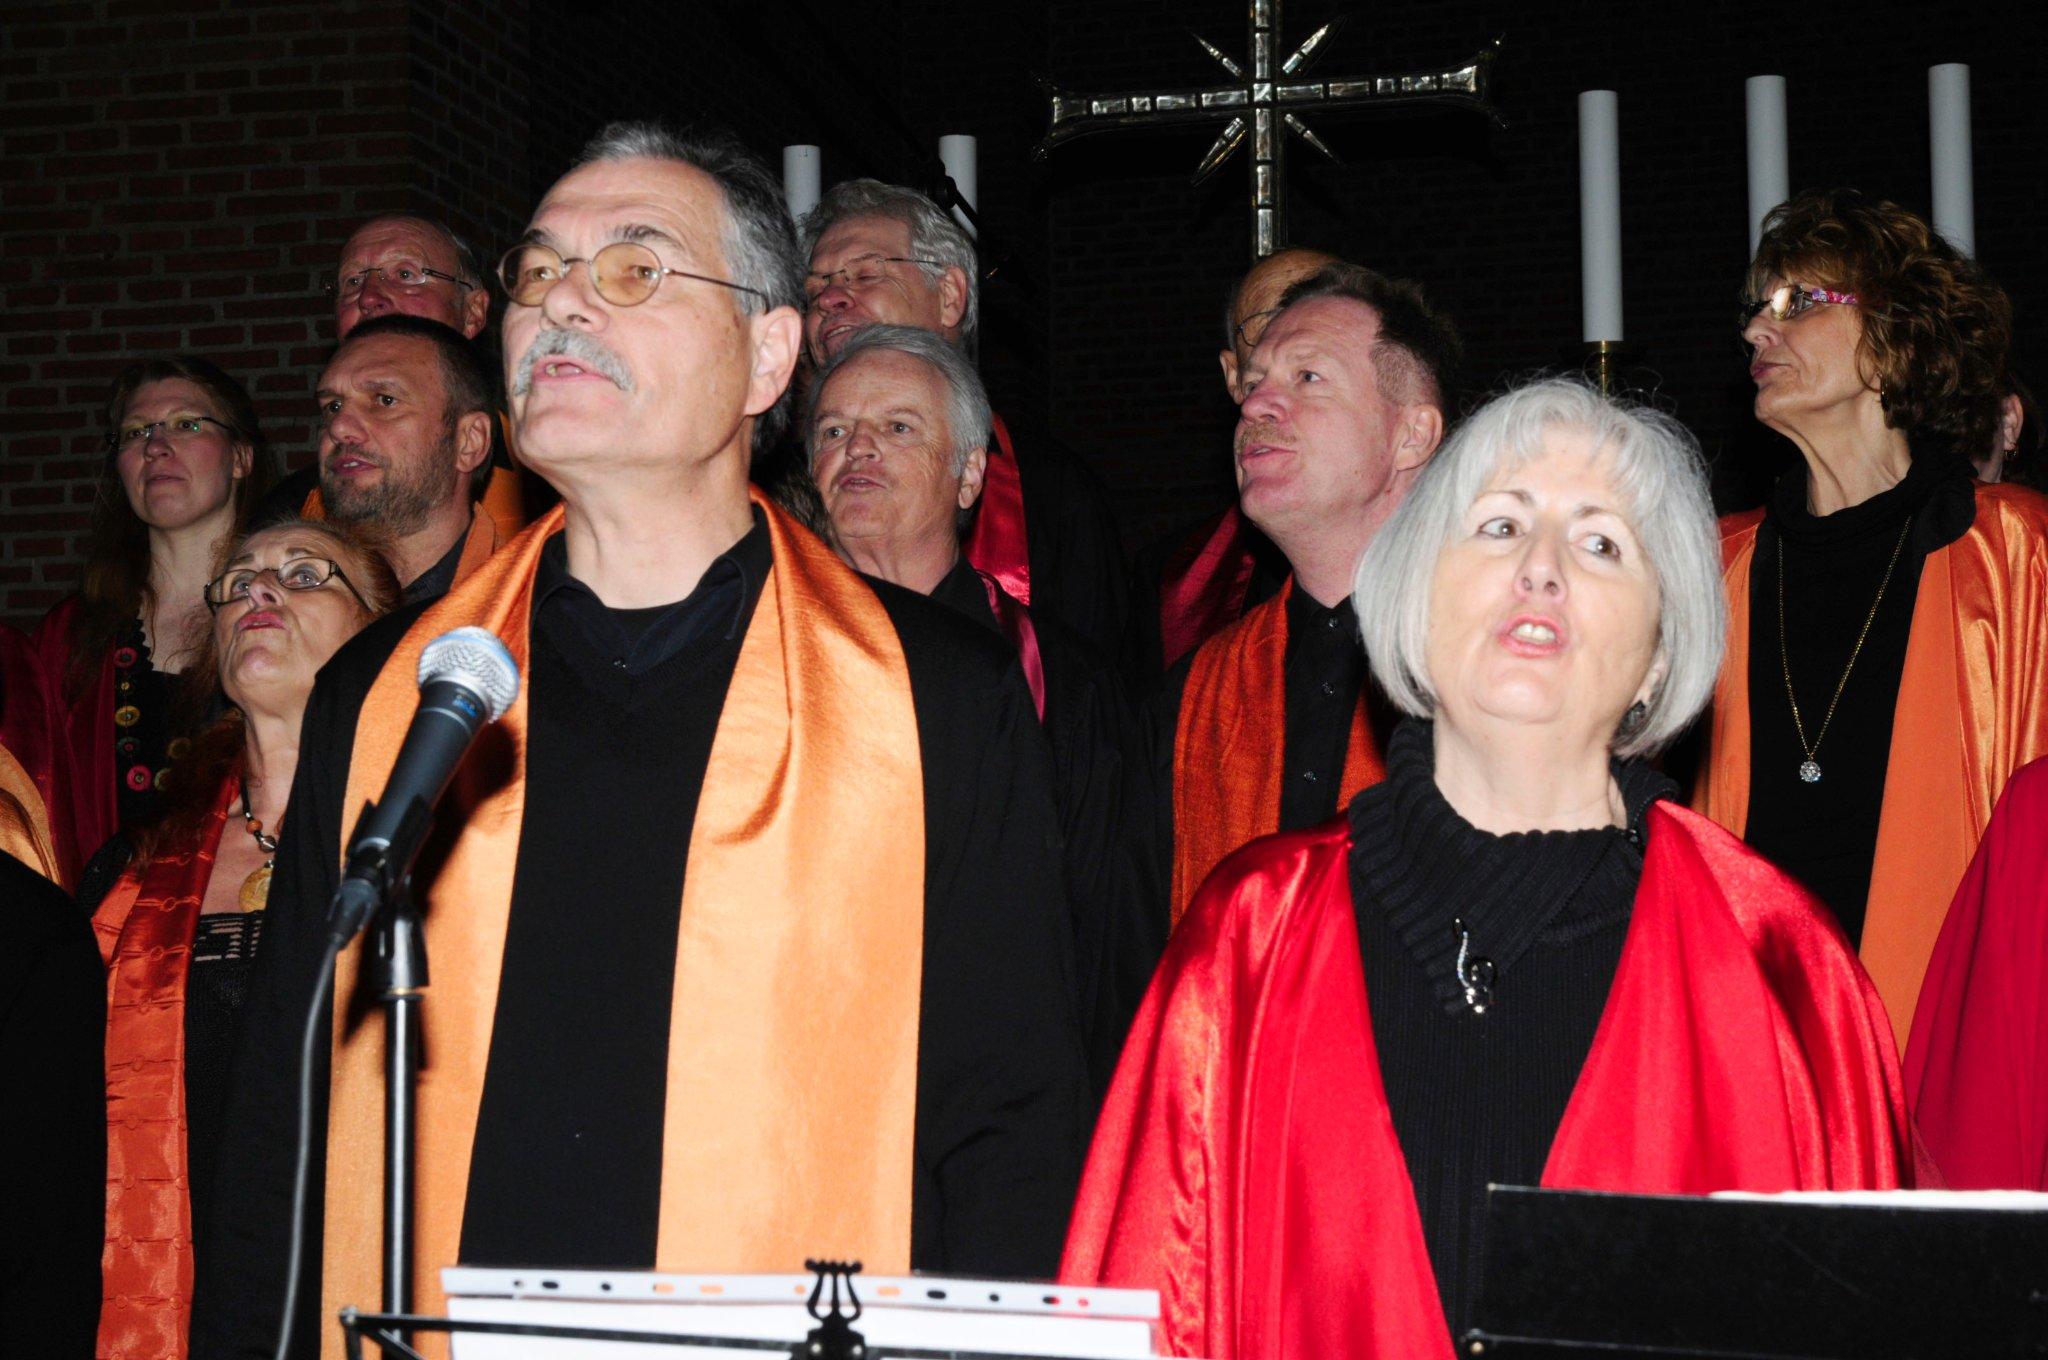 20120422 Reformations Gedaechtniskirche 053